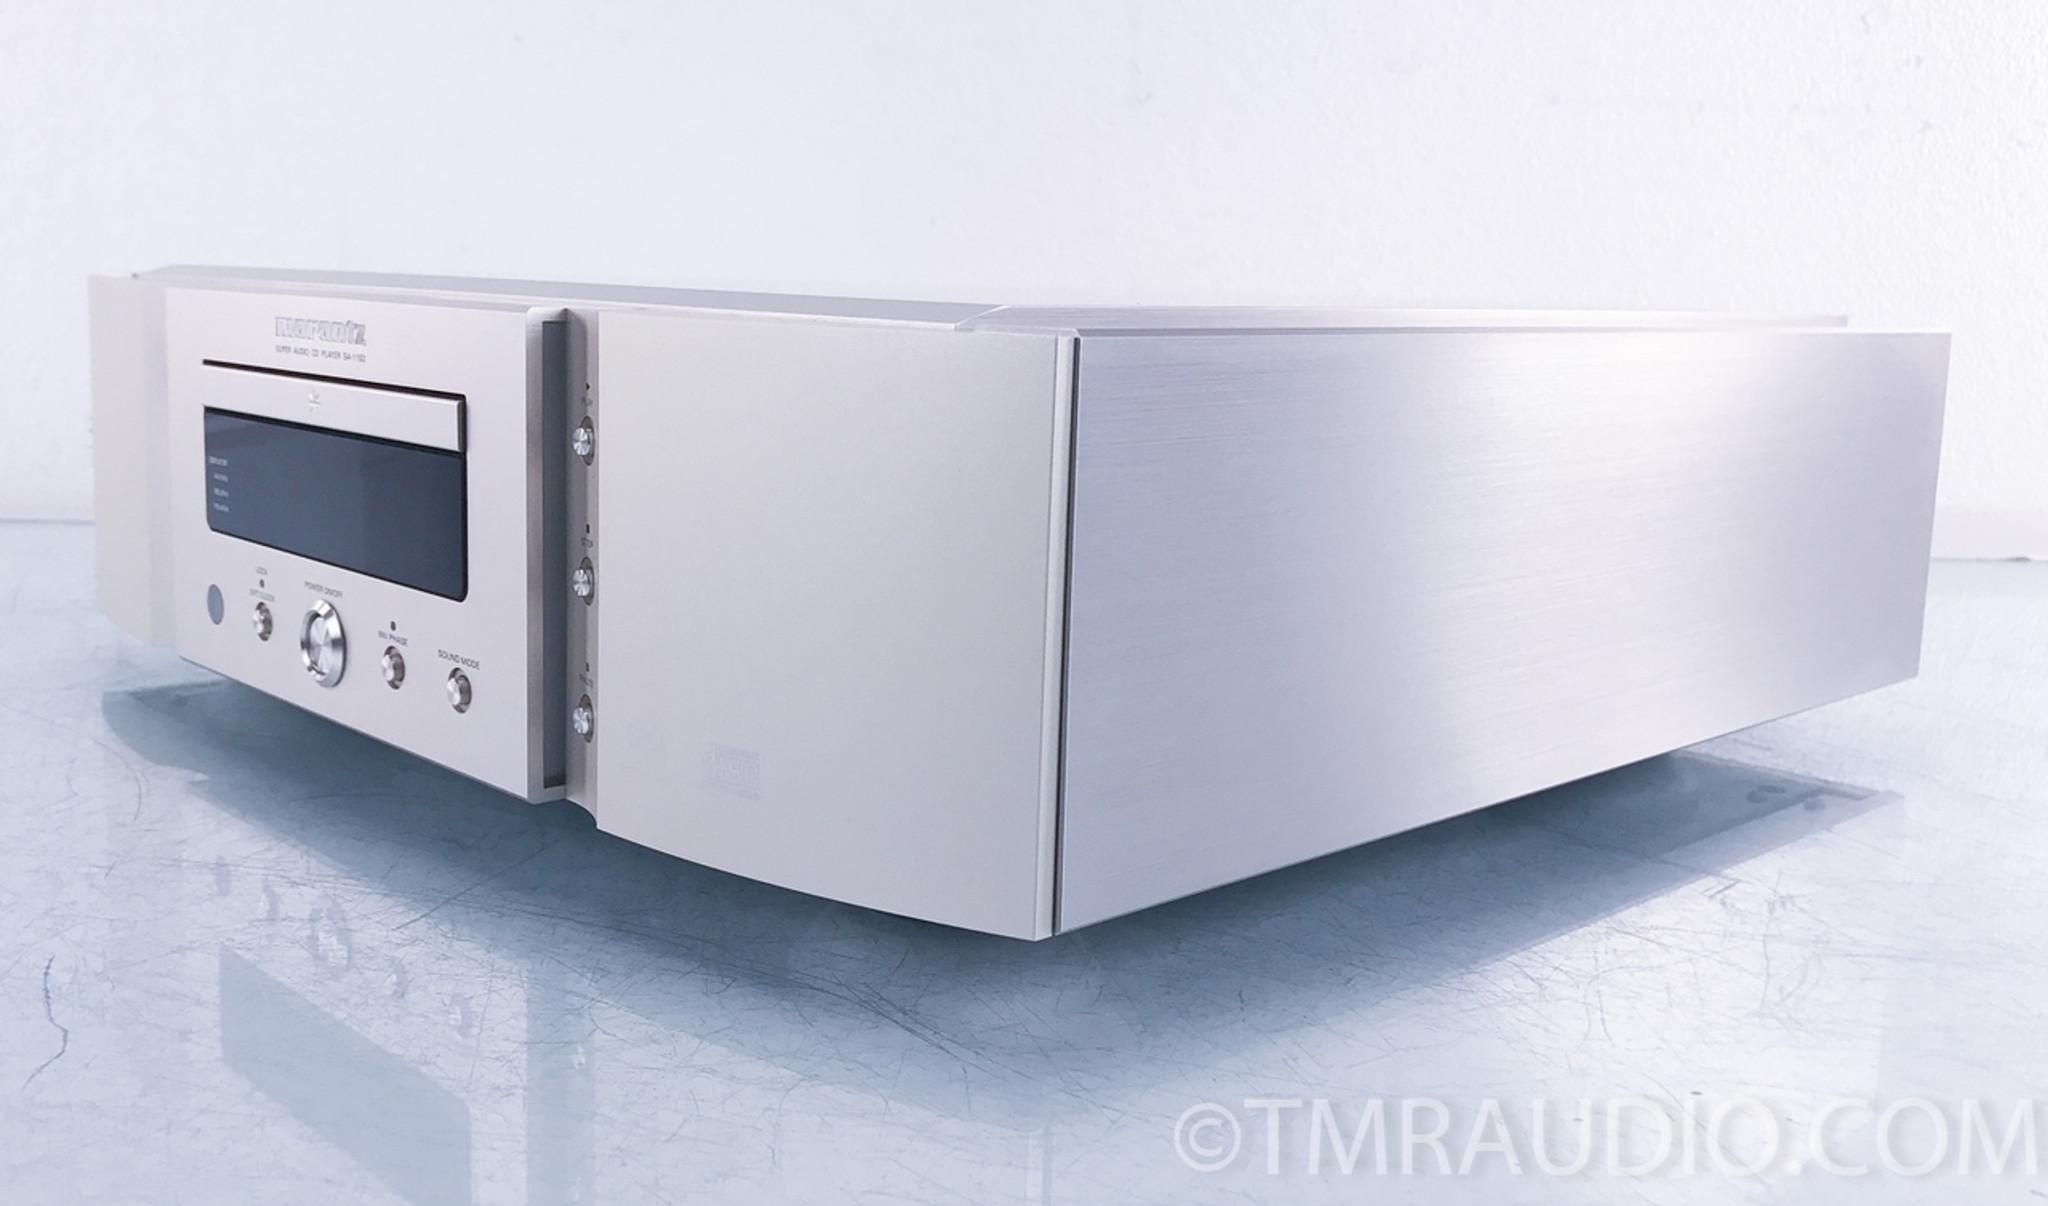 Marantz SA-11S2 SACD / CD Player 1 - The Music Room